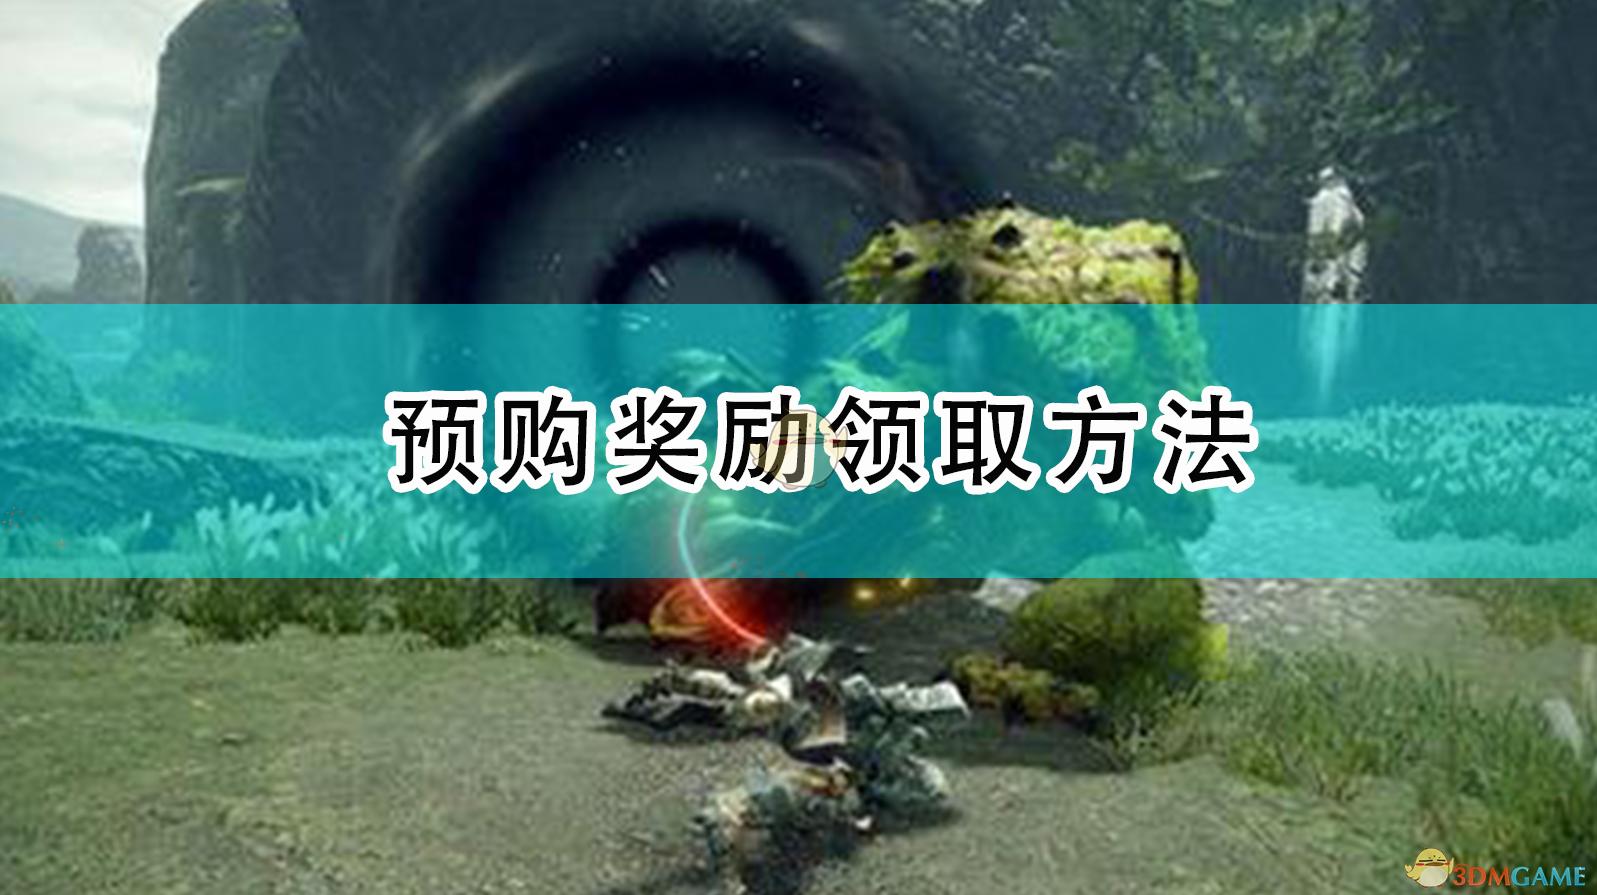 《怪物猎人:崛起》预购奖励领取方法